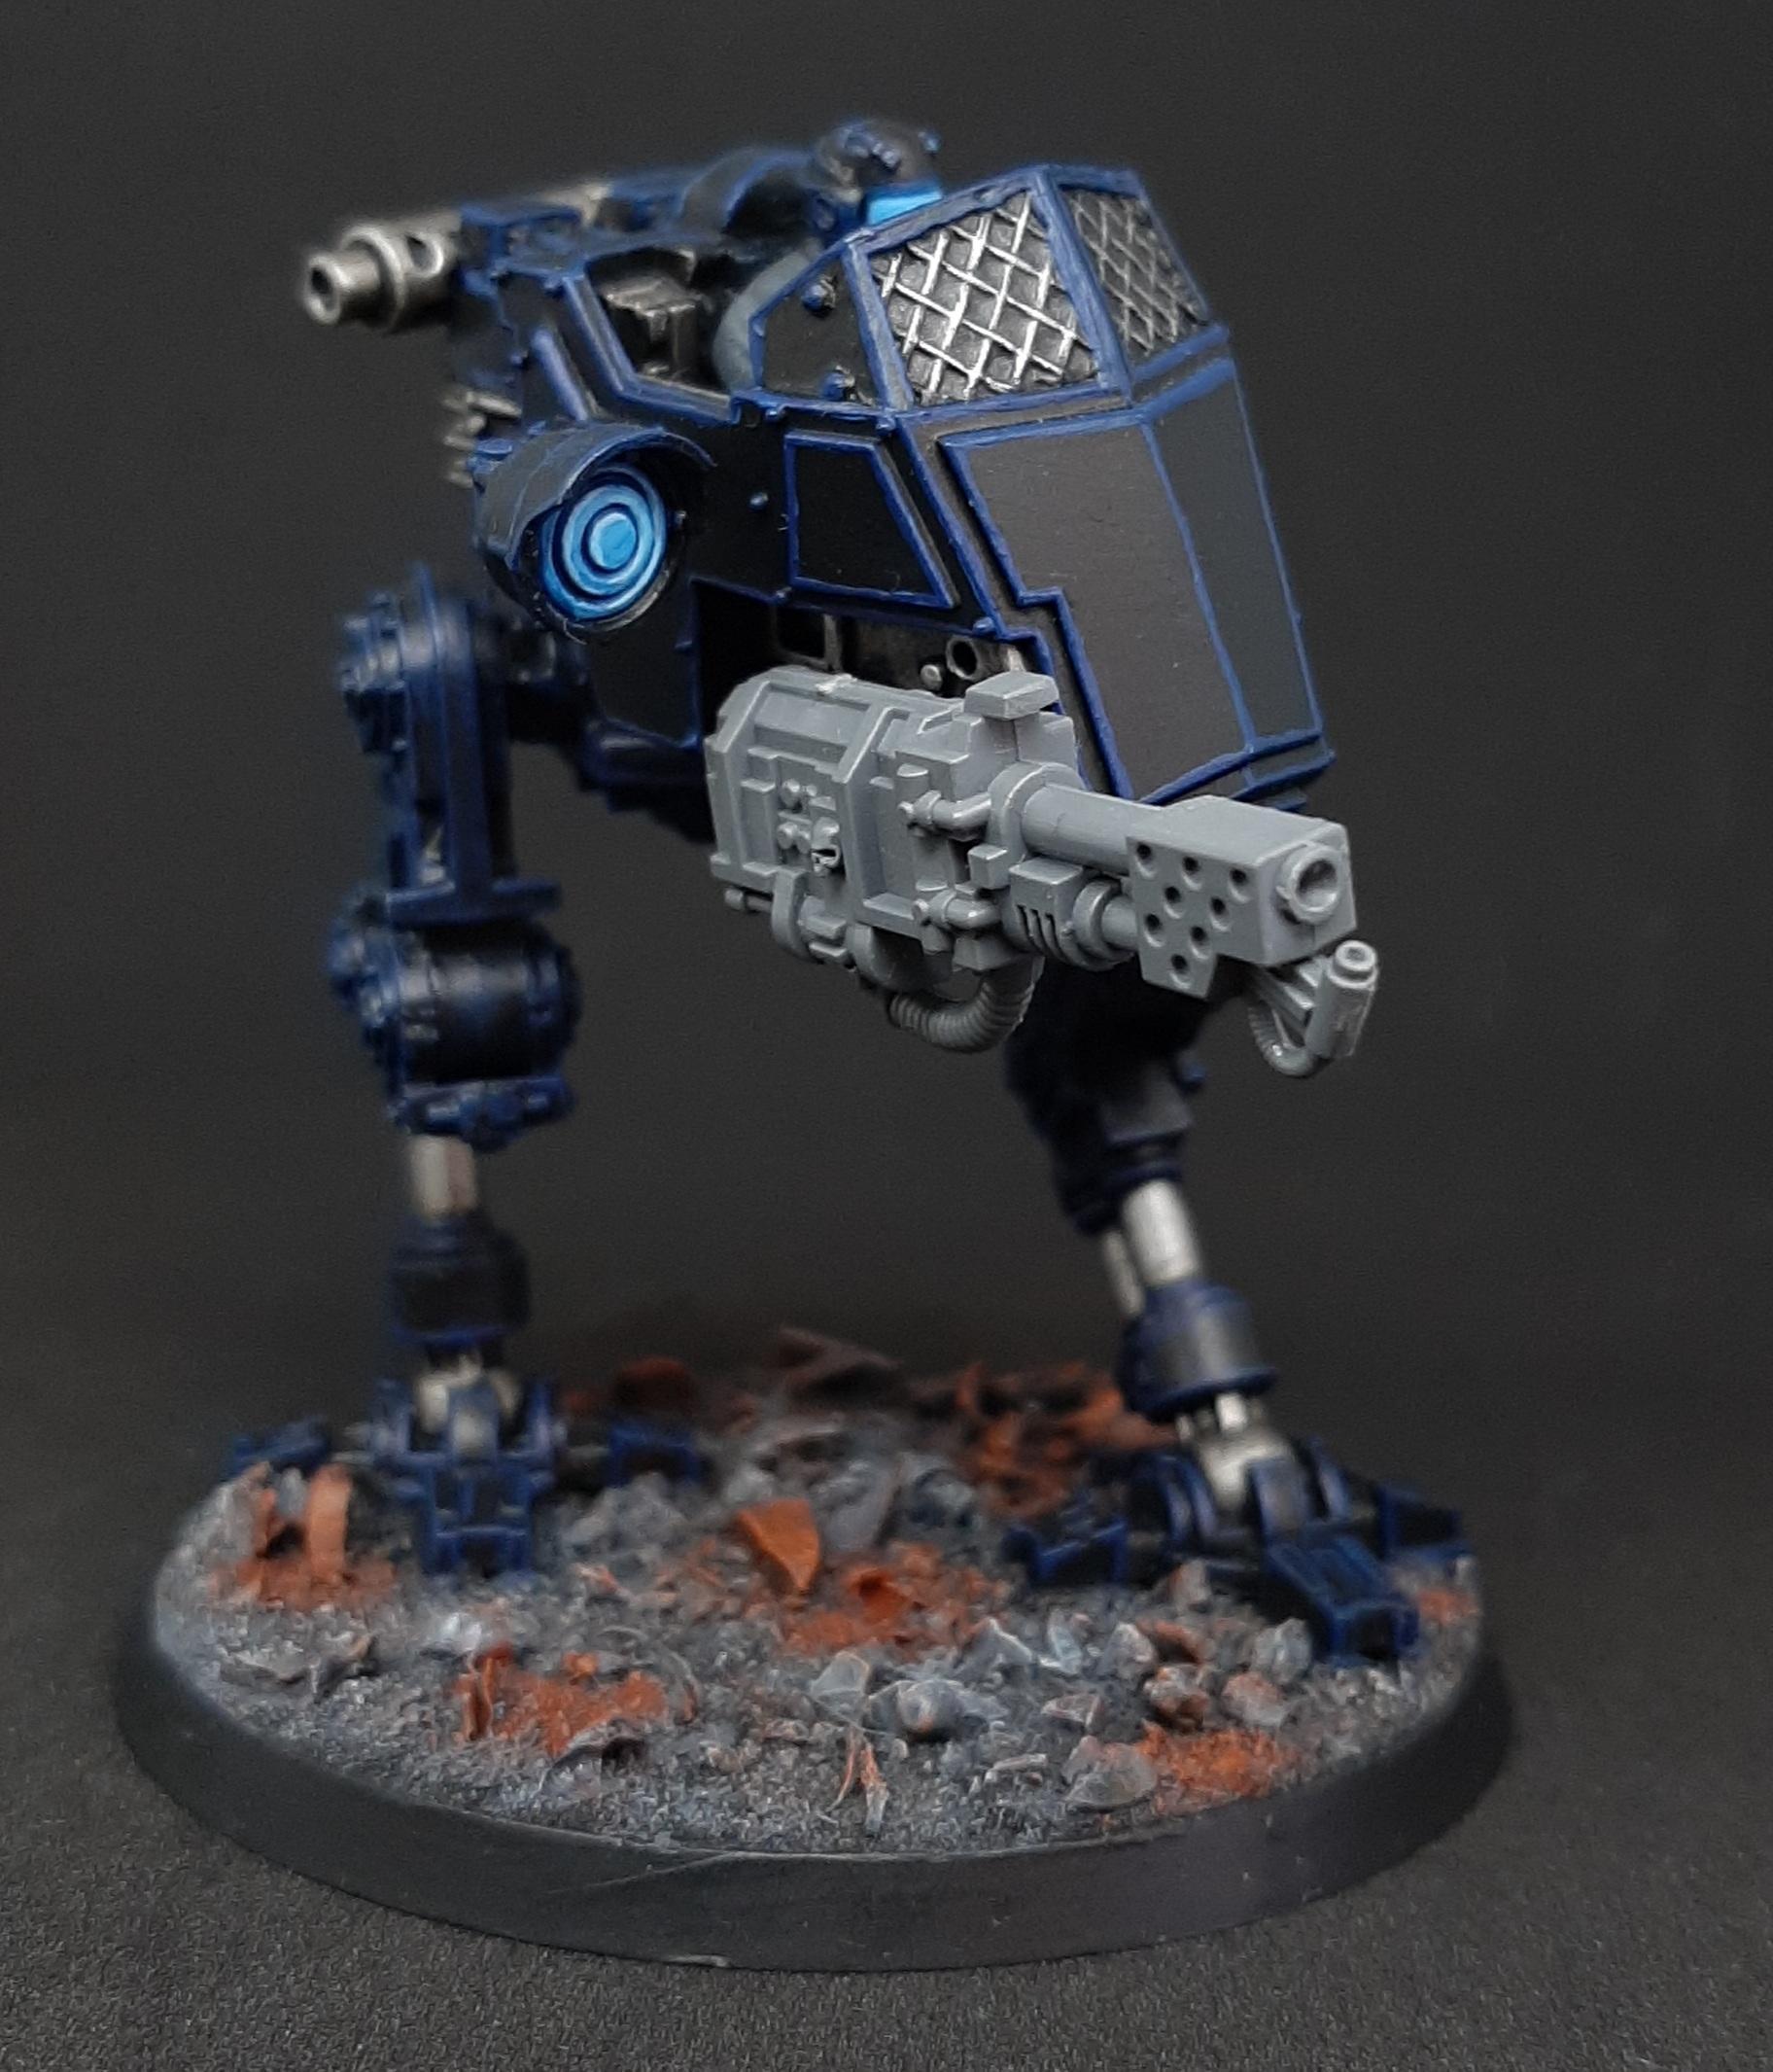 Adeptus, Adeptus Arbites, Autocannon, Bolter, Necromunda, Sentinel, Slugger, Underhive